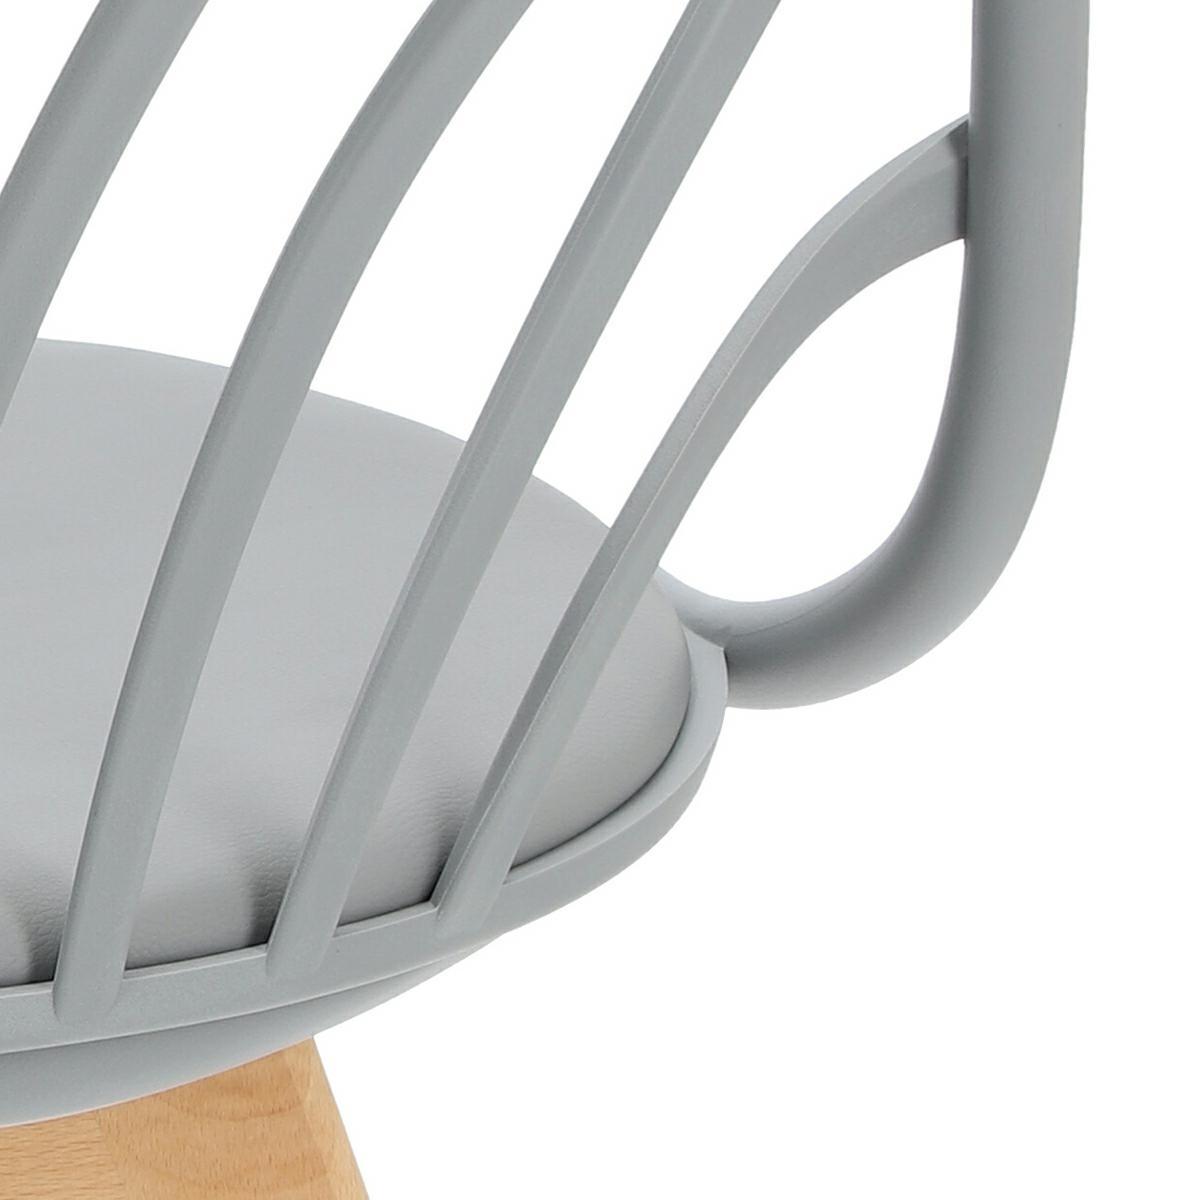 Krzesło Sirena z podłokietnikami szare - zdjęcie nr 19